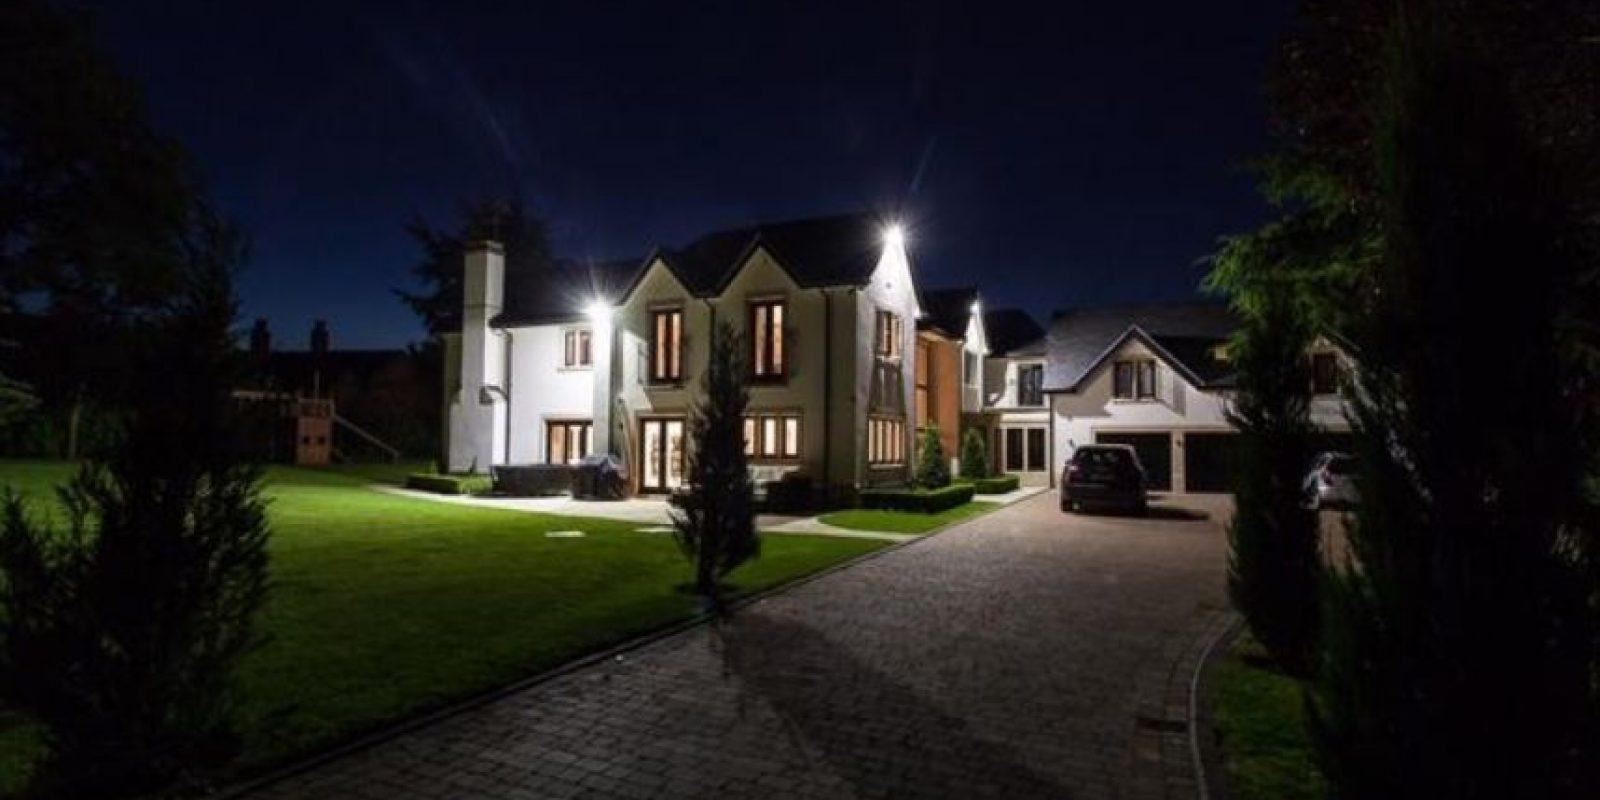 La mansión se vende en 4.1 millones de libras. Foto:vía rightmove.co.uk